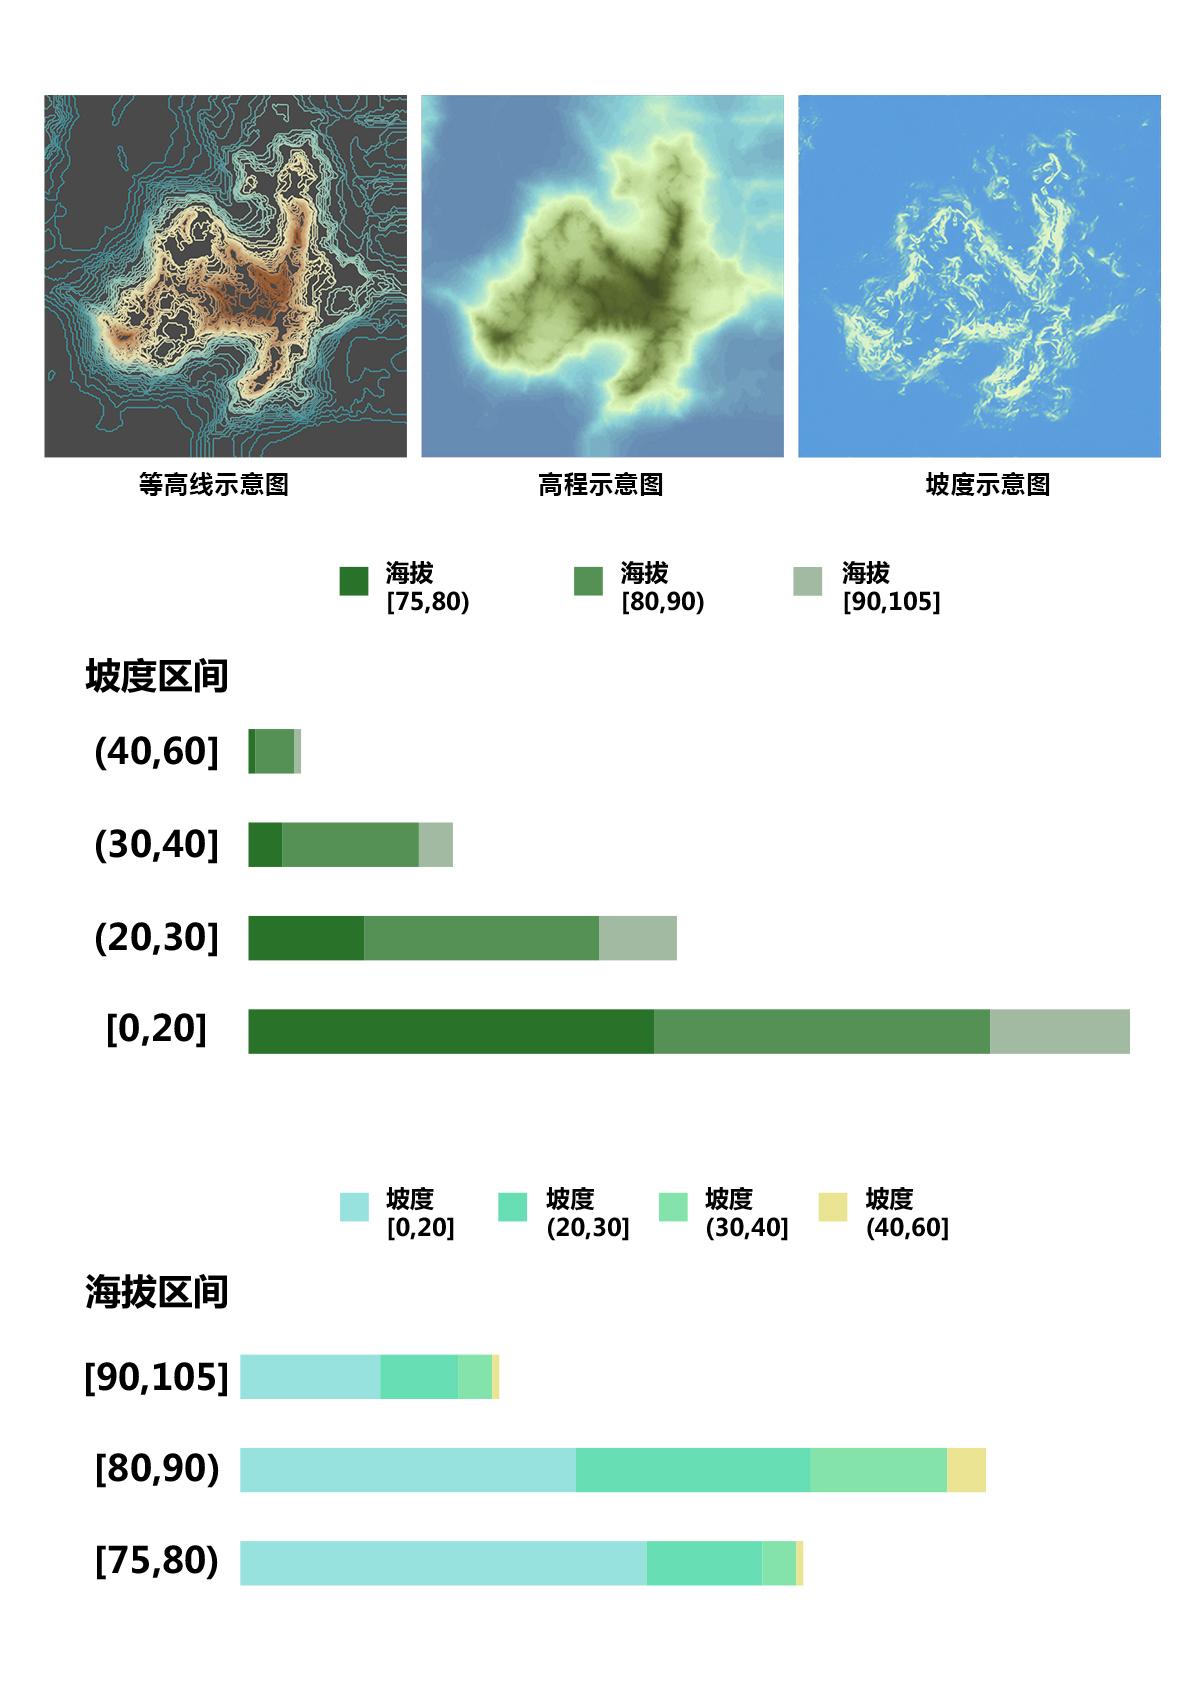 【我的别墅现代建筑群】徐州v别墅别墅--源梦岛小区房价佳园海岛慧世界图片